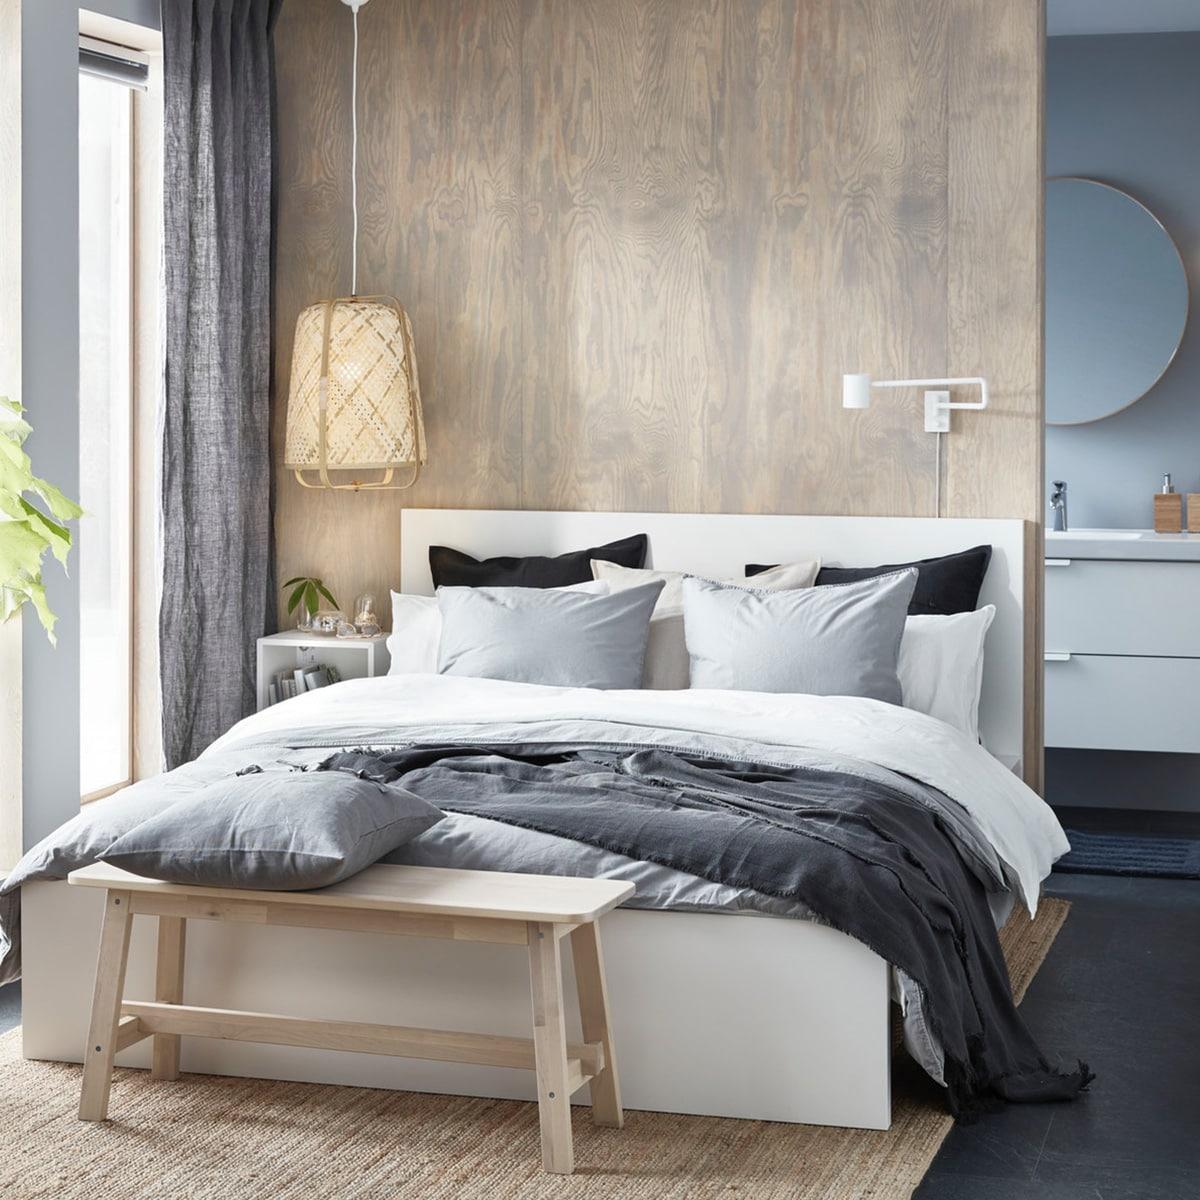 Idee Camera Da Letto.Idee Per Arredare La Camera Da Letto Ikea Svizzera